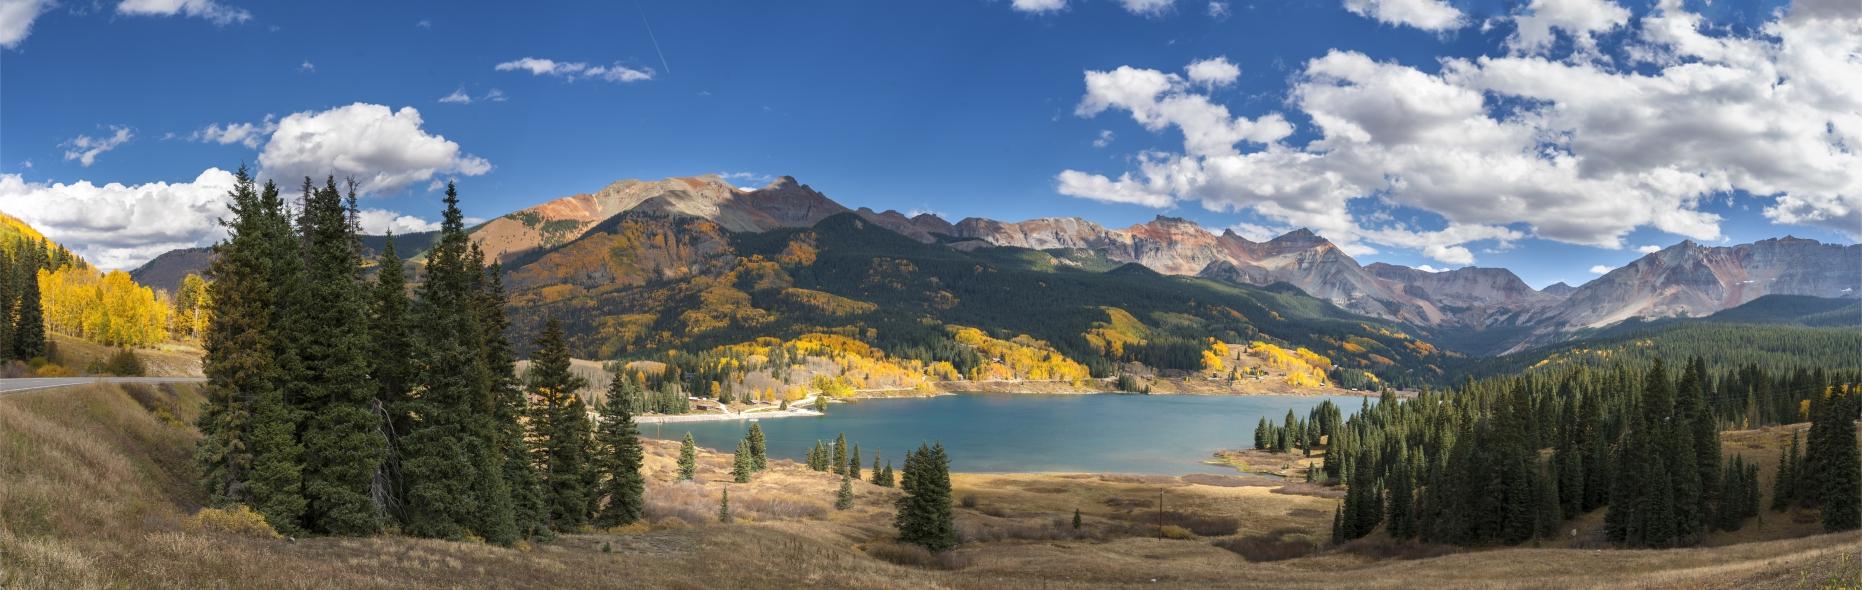 Фотообои пейзаж вода и горы